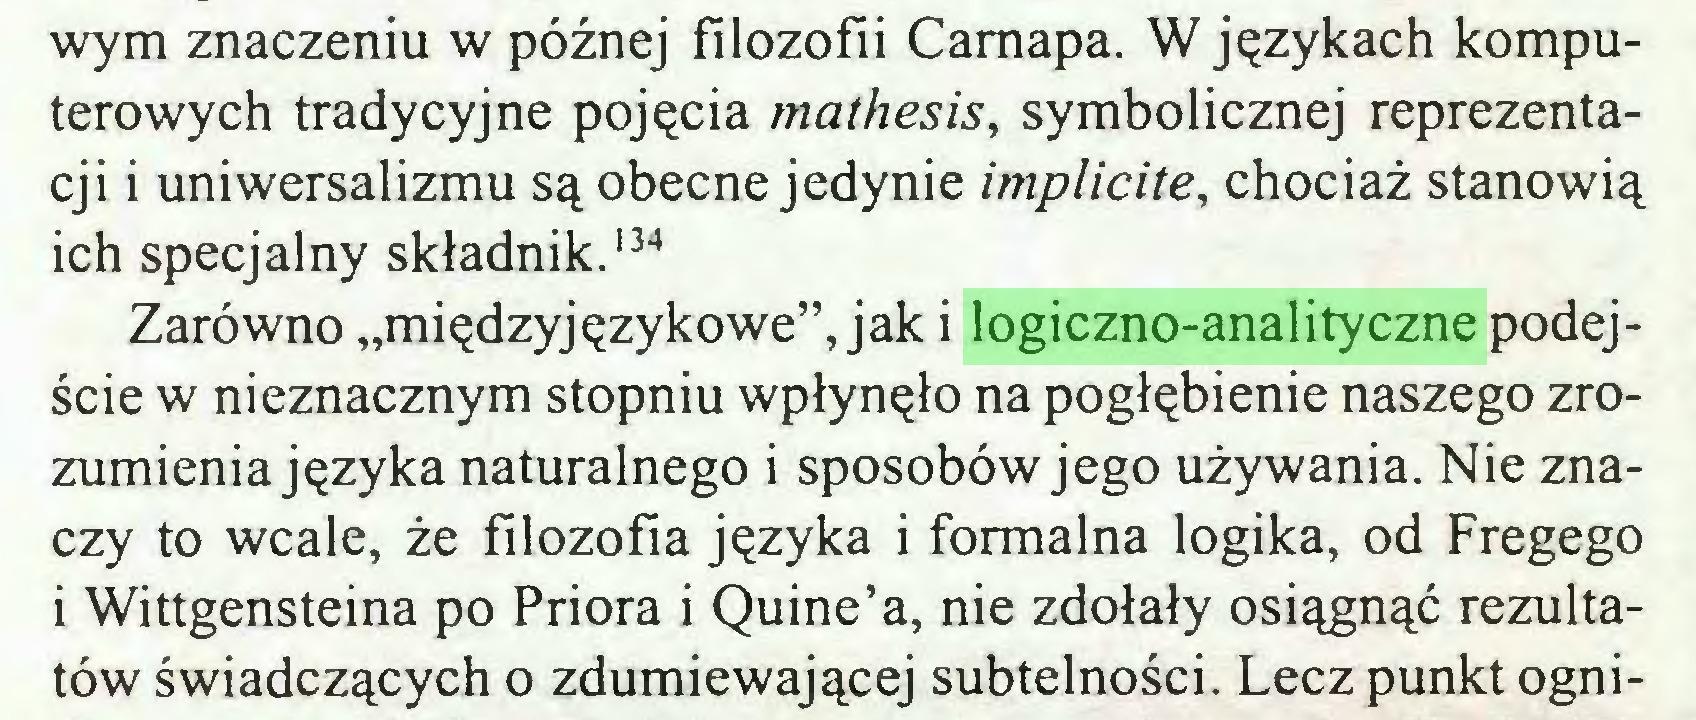 """(...) wym znaczeniu w późnej filozofii Camapa. W językach komputerowych tradycyjne pojęcia mathesis, symbolicznej reprezentacji i uniwersalizmu są obecne jedynie implicite, chociaż stanowią ich specjalny składnik.134 Zarówno """"międzyjęzykowe"""", jak i logiczno-analityczne podejście w nieznacznym stopniu wpłynęło na pogłębienie naszego zrozumienia języka naturalnego i sposobów jego używania. Nie znaczy to wcale, że filozofia języka i formalna logika, od Fregego i Wittgensteina po Priora i Quine'a, nie zdołały osiągnąć rezultatów świadczących o zdumiewającej subtelności. Lecz punkt ogni..."""